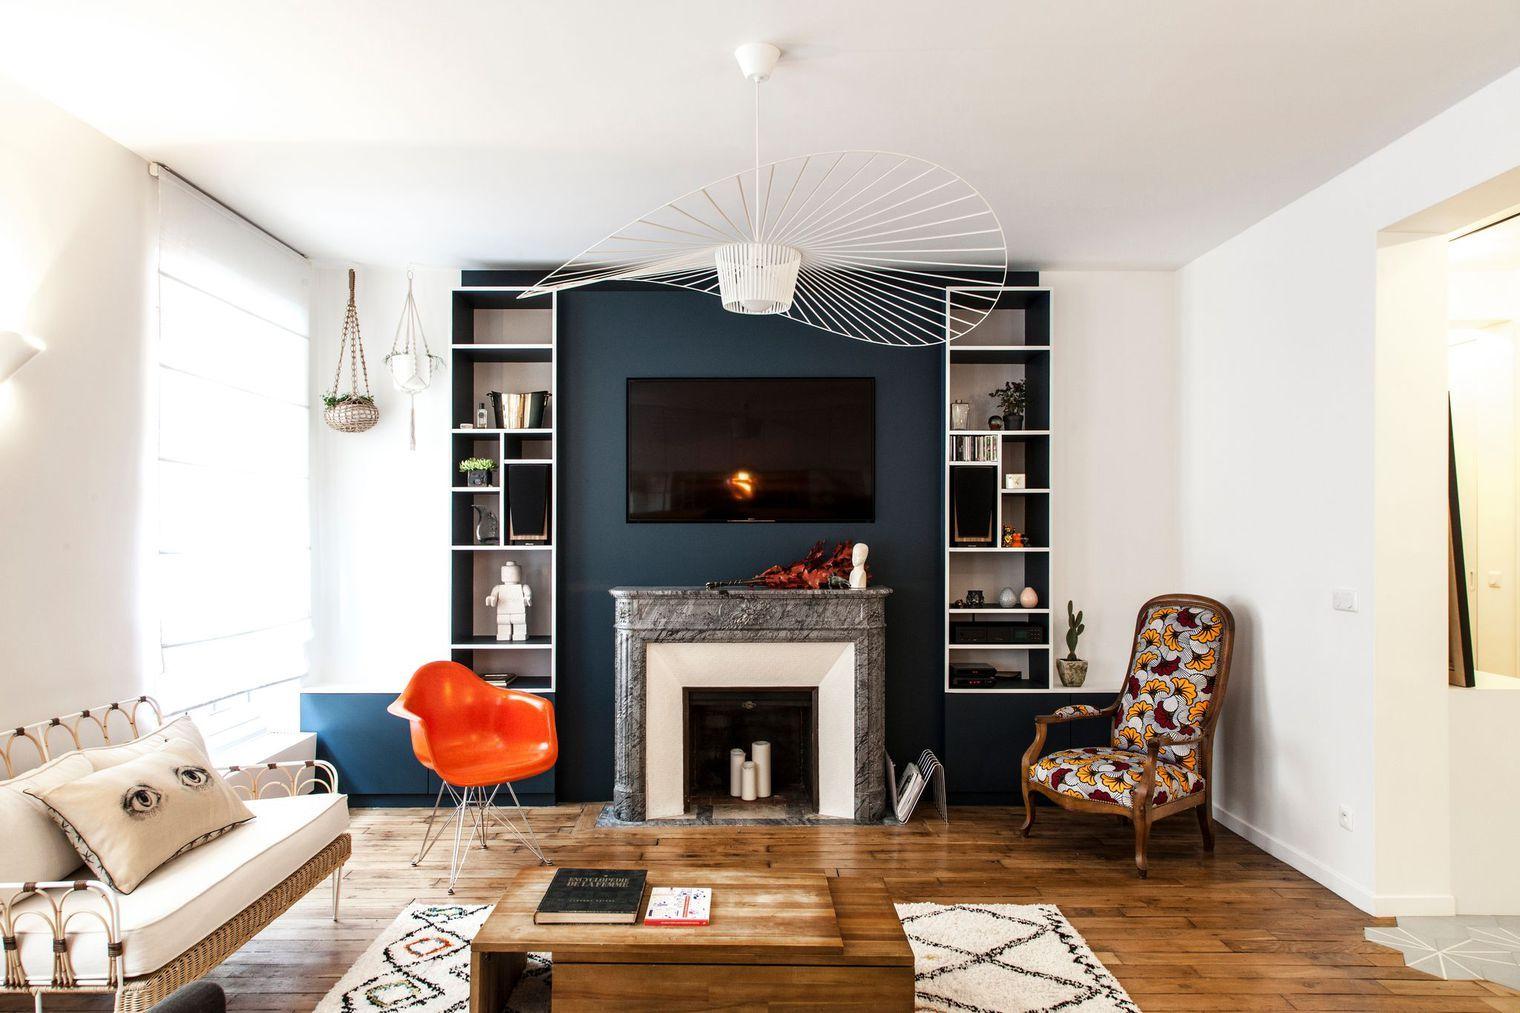 Appartement Batignolles 100 M2 Deco Et Bien Penses Appartement Loft Appartement Maison